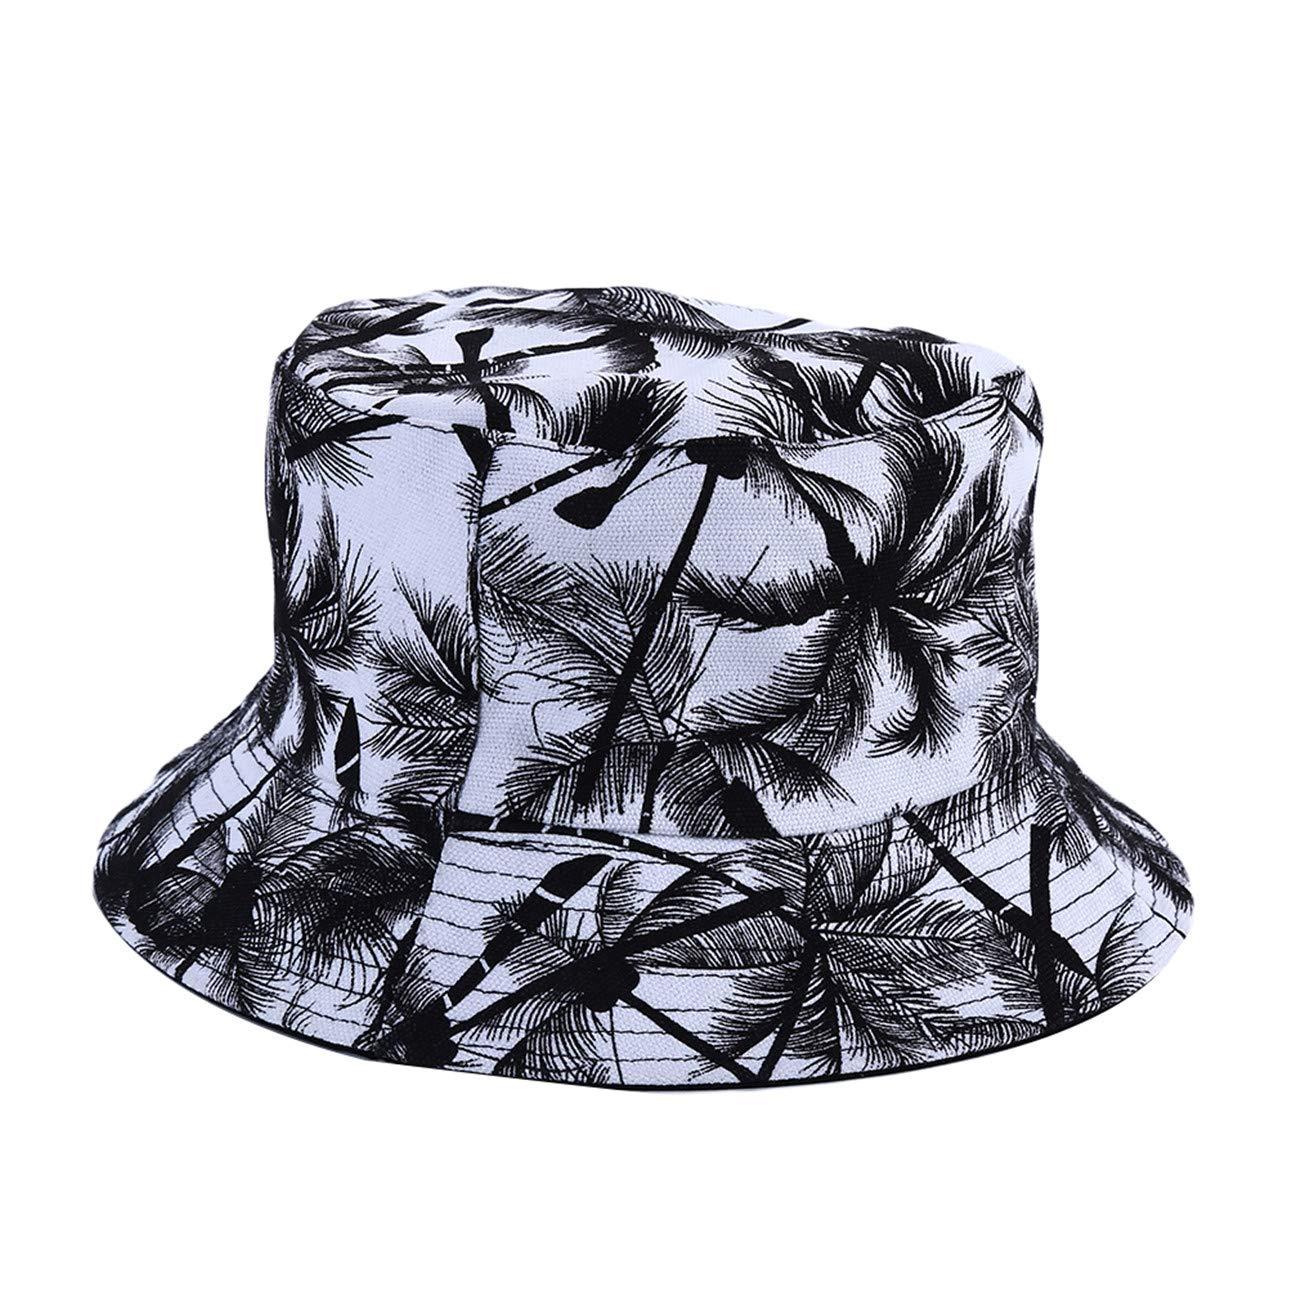 ZALING Women Double-Sided Wear Maple Leaf Pattern Print Bucket Cap Hats Outdoor Leisure Caps Shade Fisherman Hat